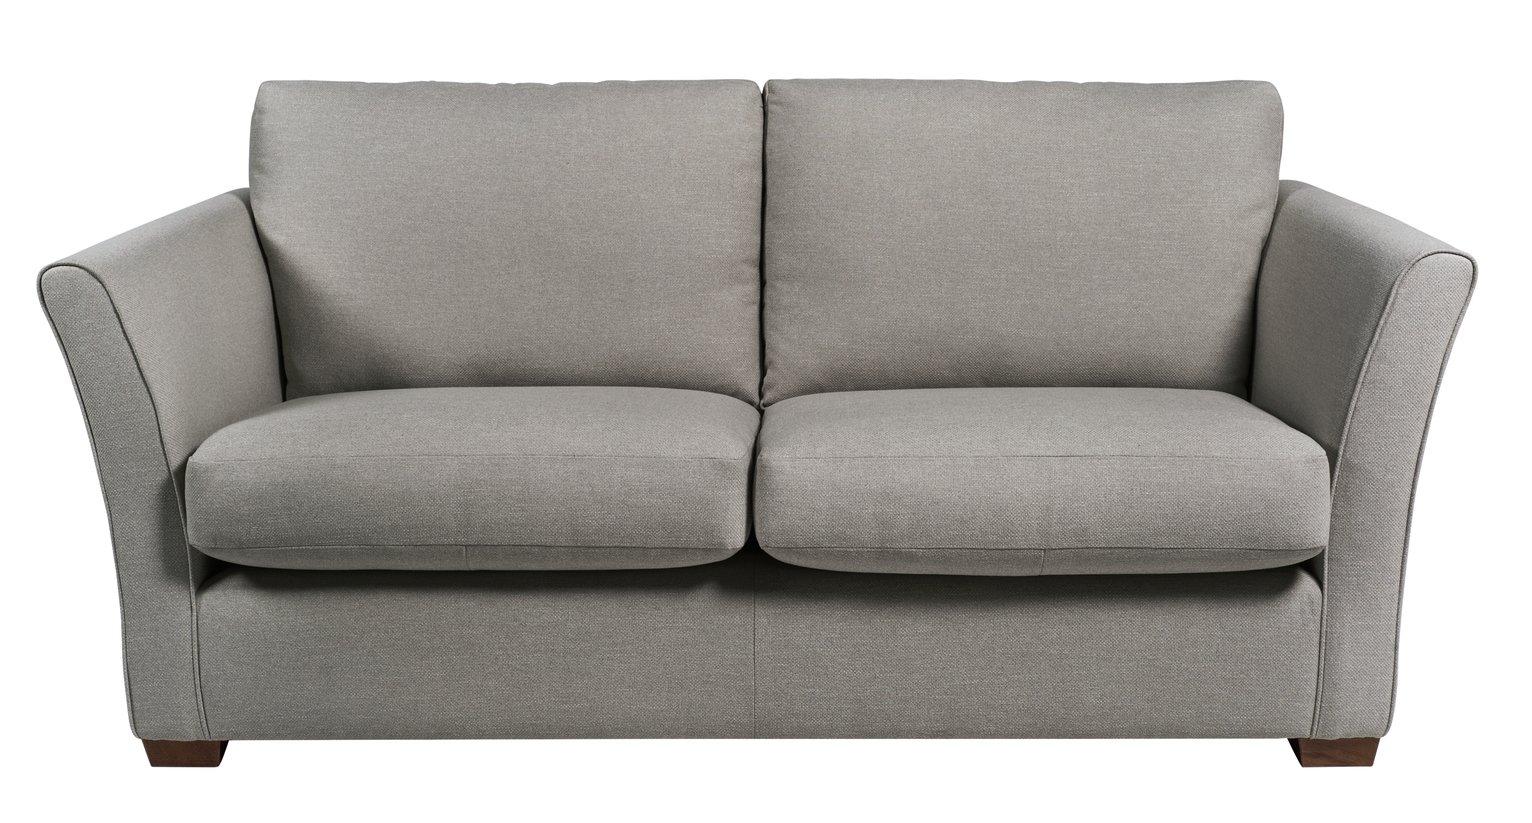 Argos Home Dawson 3 Seater Fabric Sofa - Grey